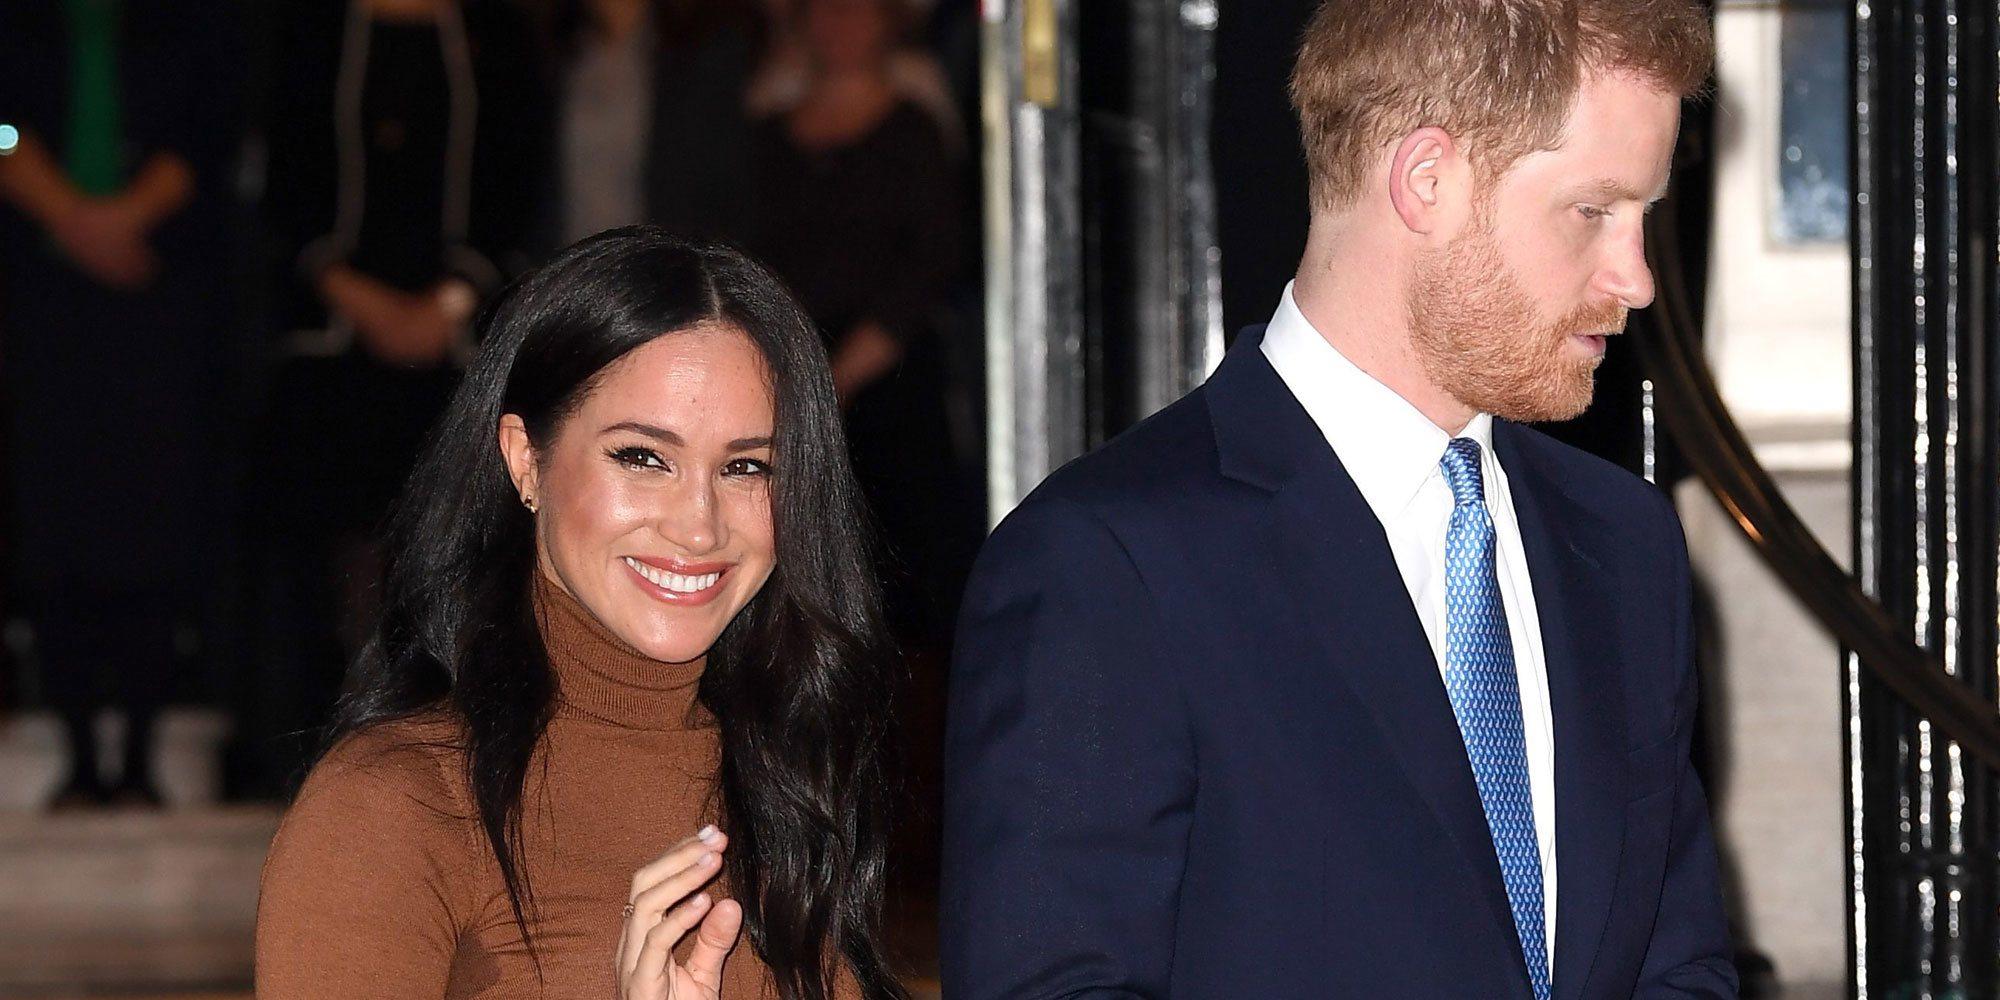 El mensaje de despedida del Príncipe Harry y Meghan Markle por su salida de la Casa Real Británica